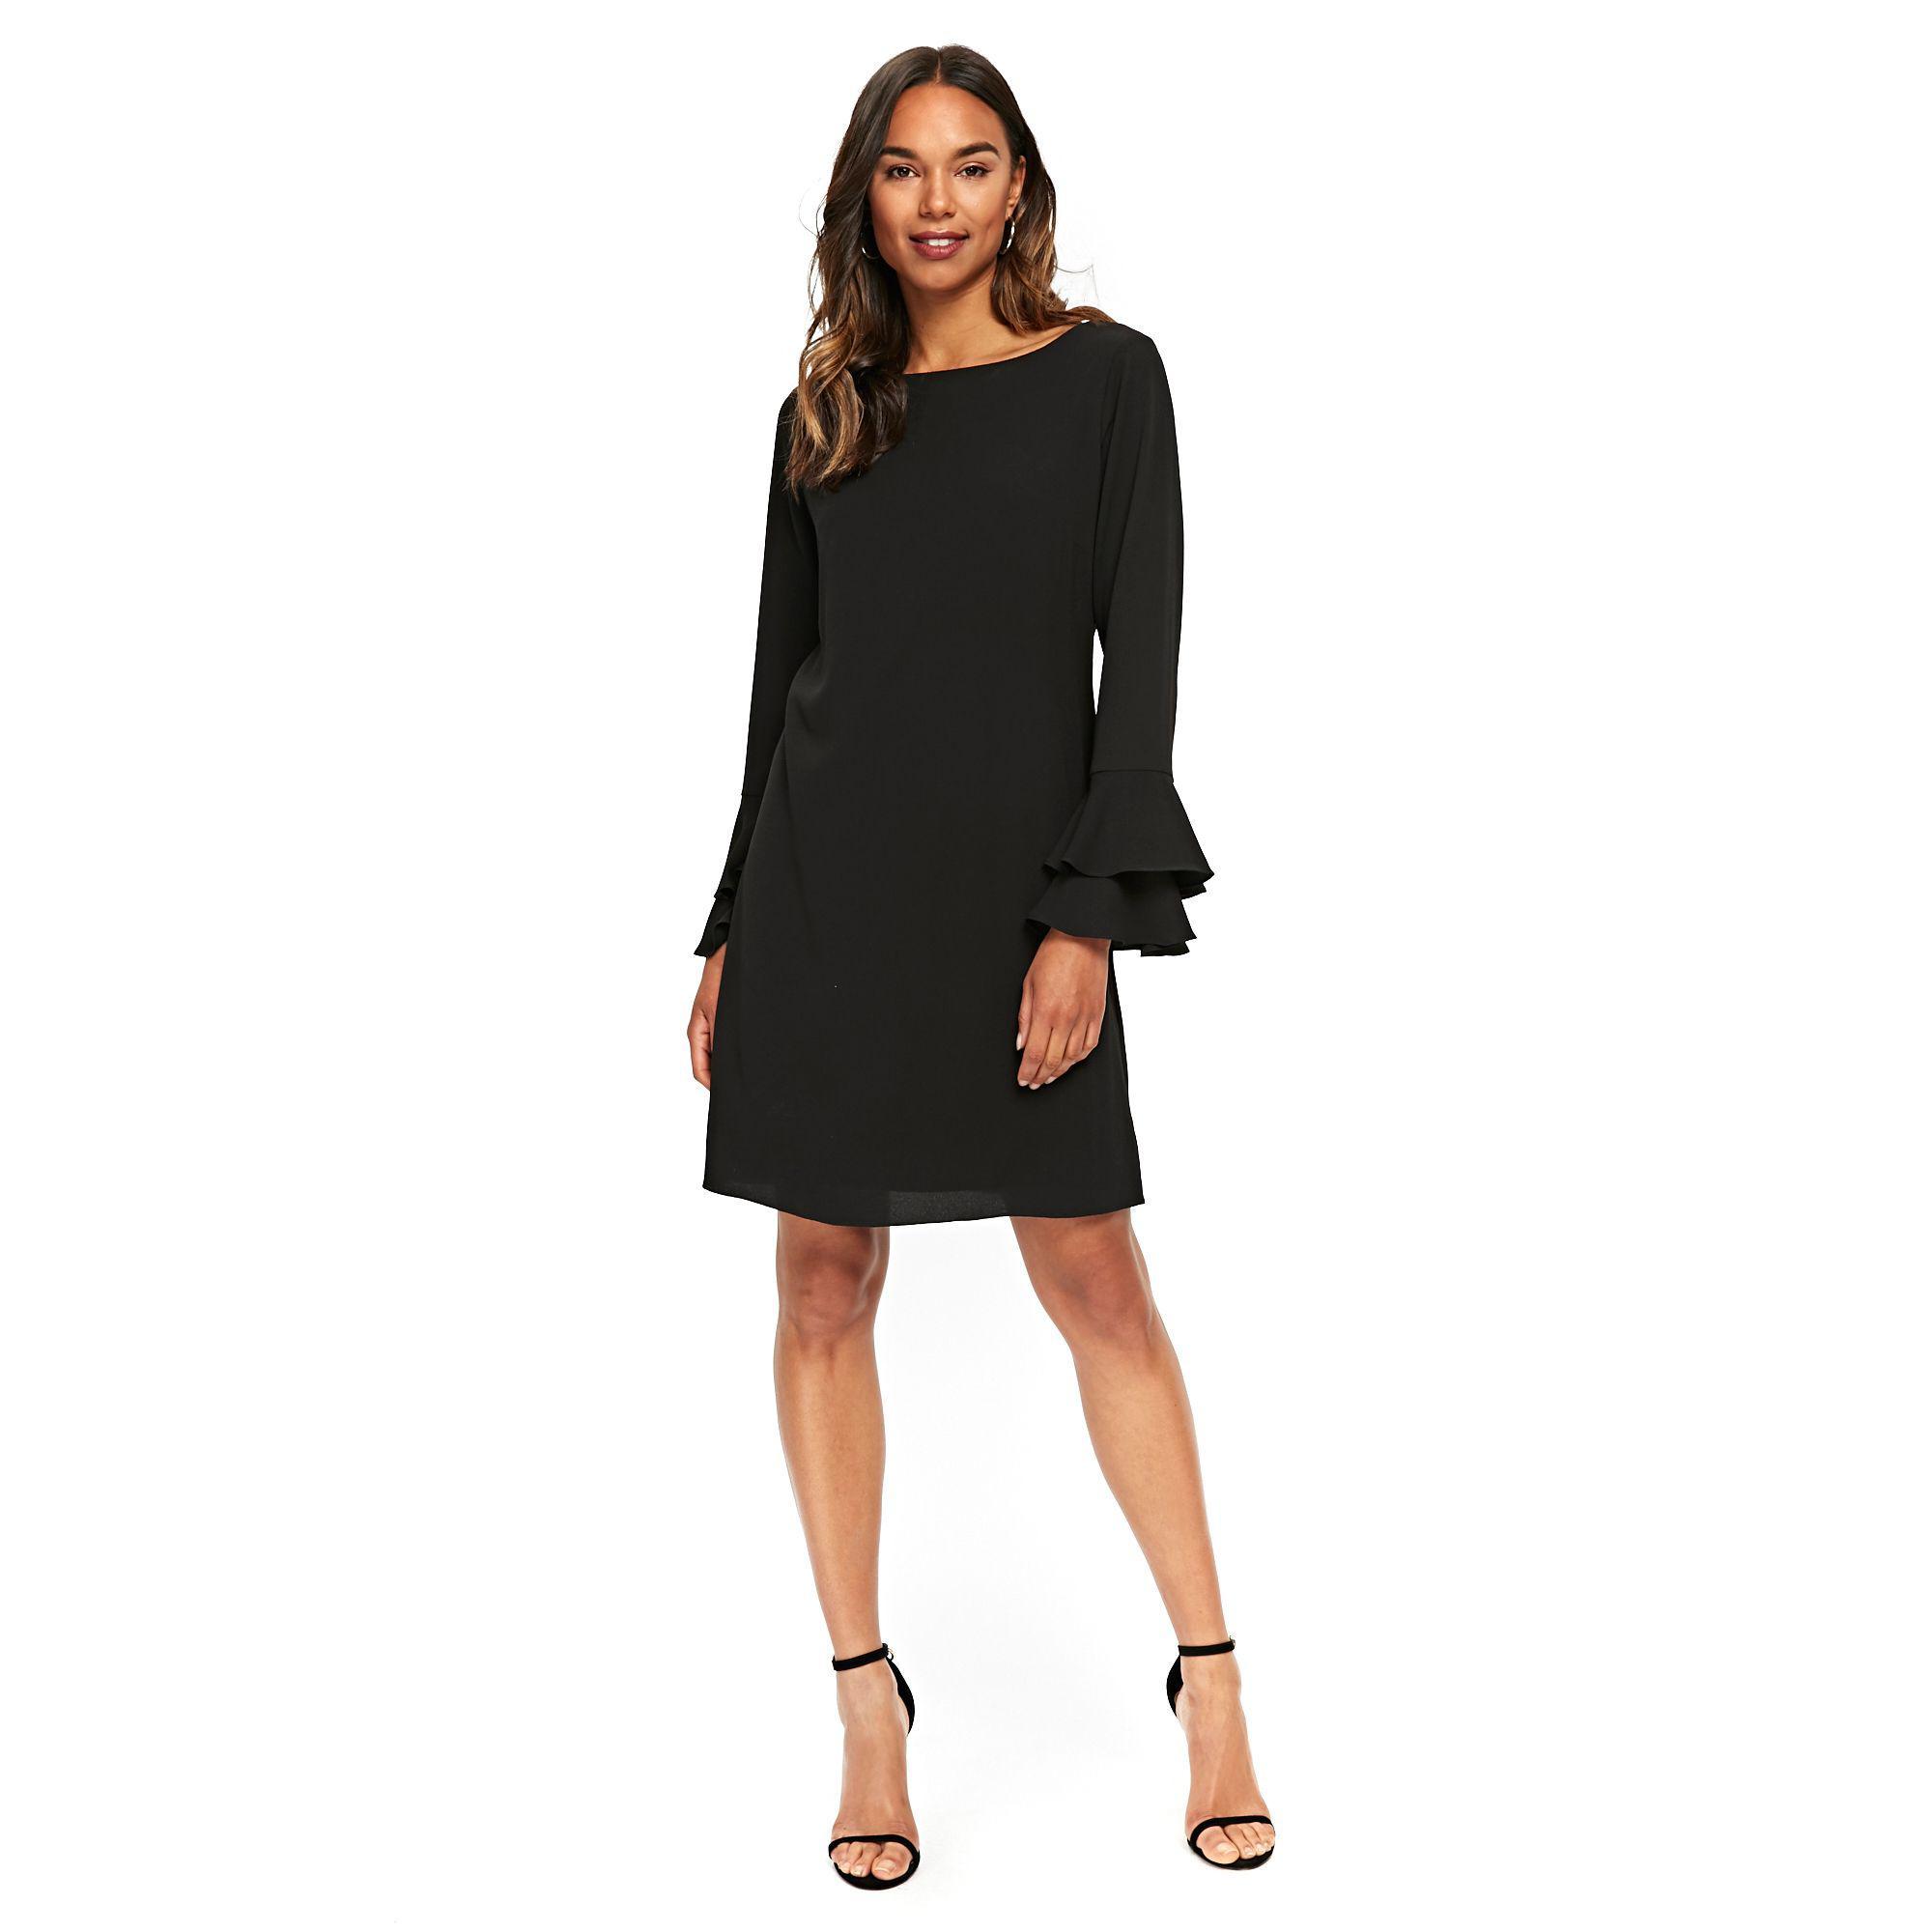 1d811c577e11 Wallis Black Double Flute Sleeve Shift Dress in Black - Lyst